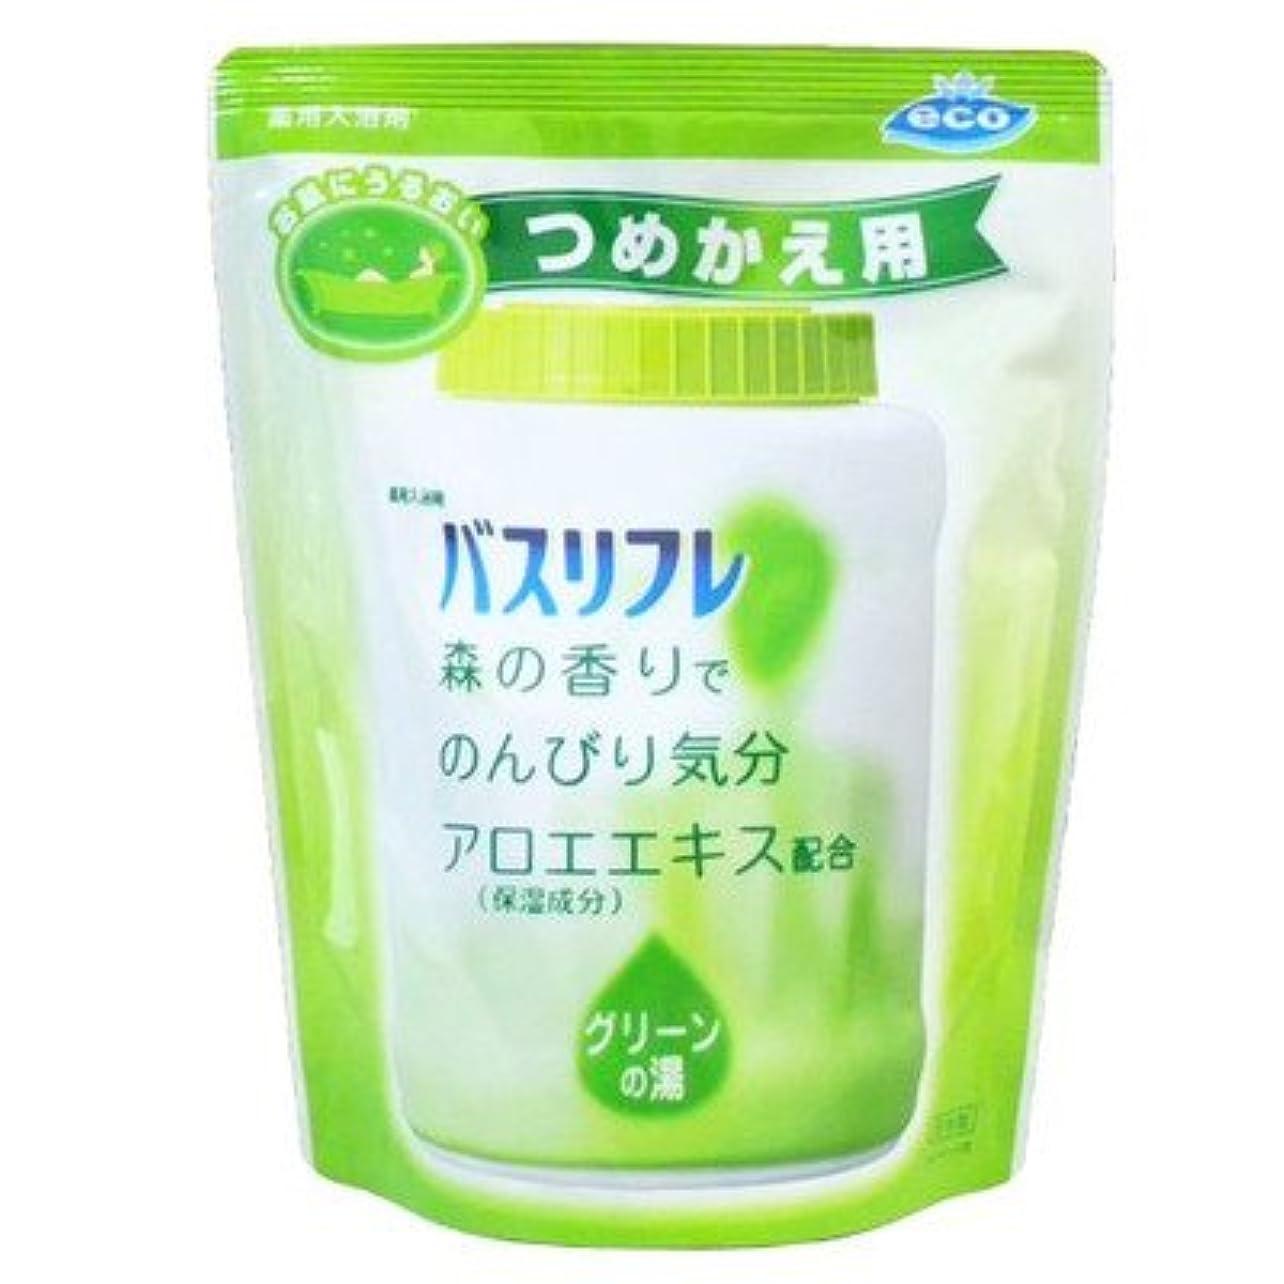 モニター記者健全薬用入浴剤 バスリフレ グリーンの湯 つめかえ用 540g 森の香り (ライオンケミカル)